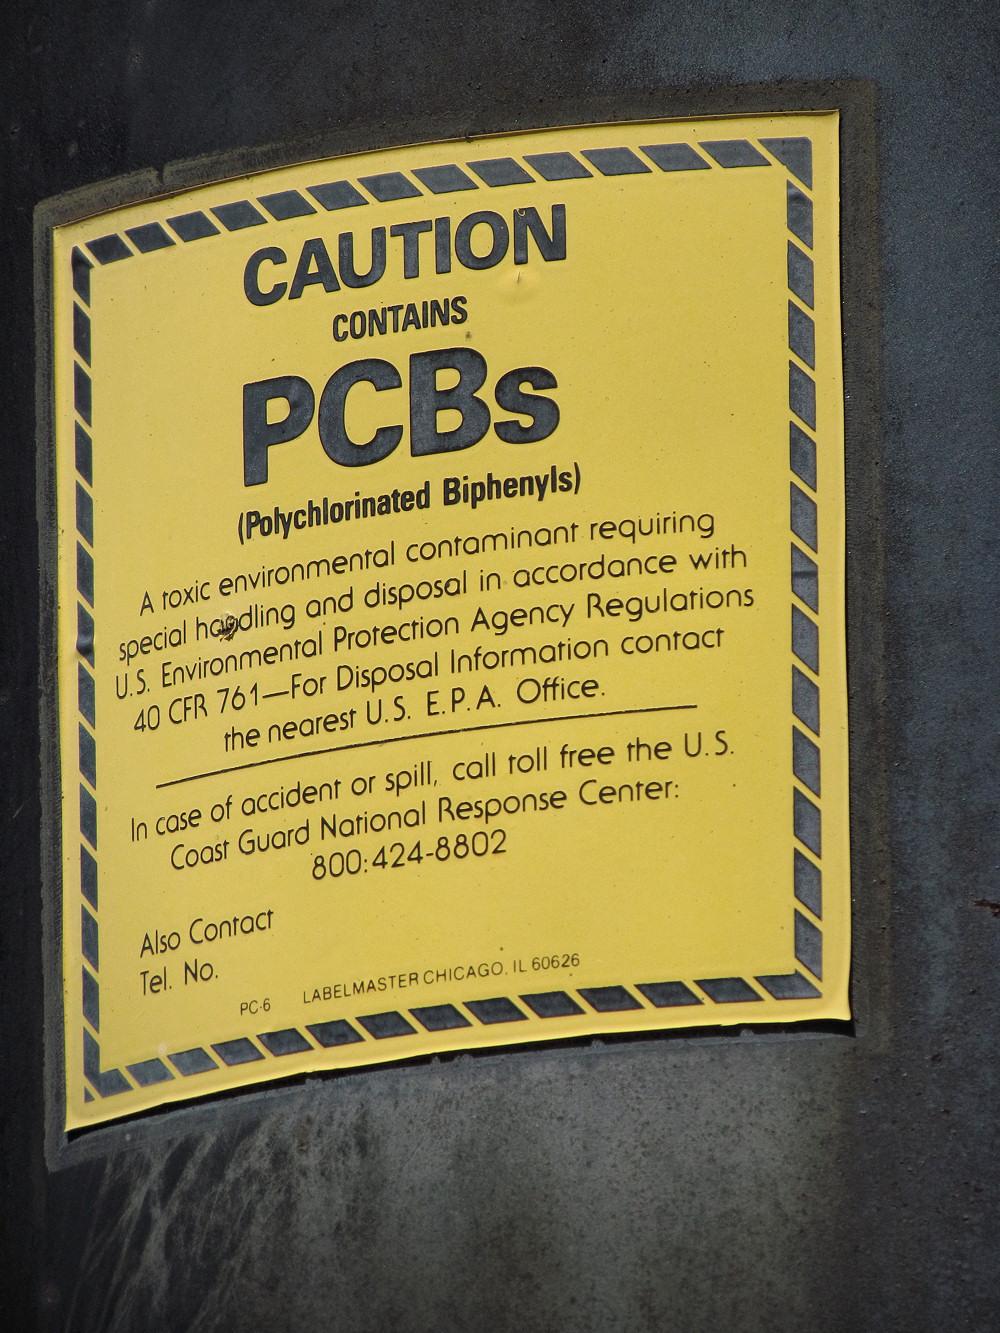 PCB Warning